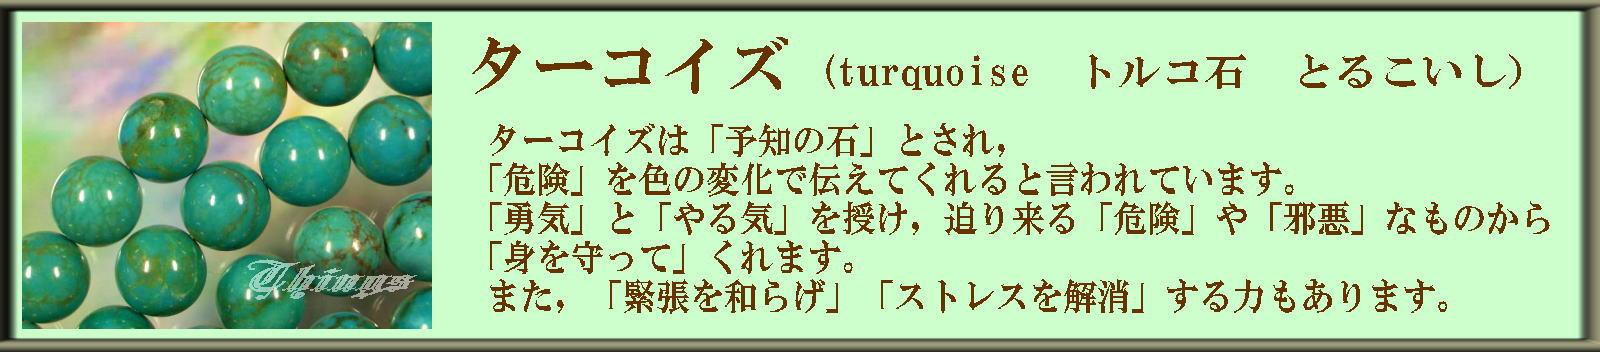 ◆ターコイズ turquoise ターコイズ トルコ石 とるこいし◆